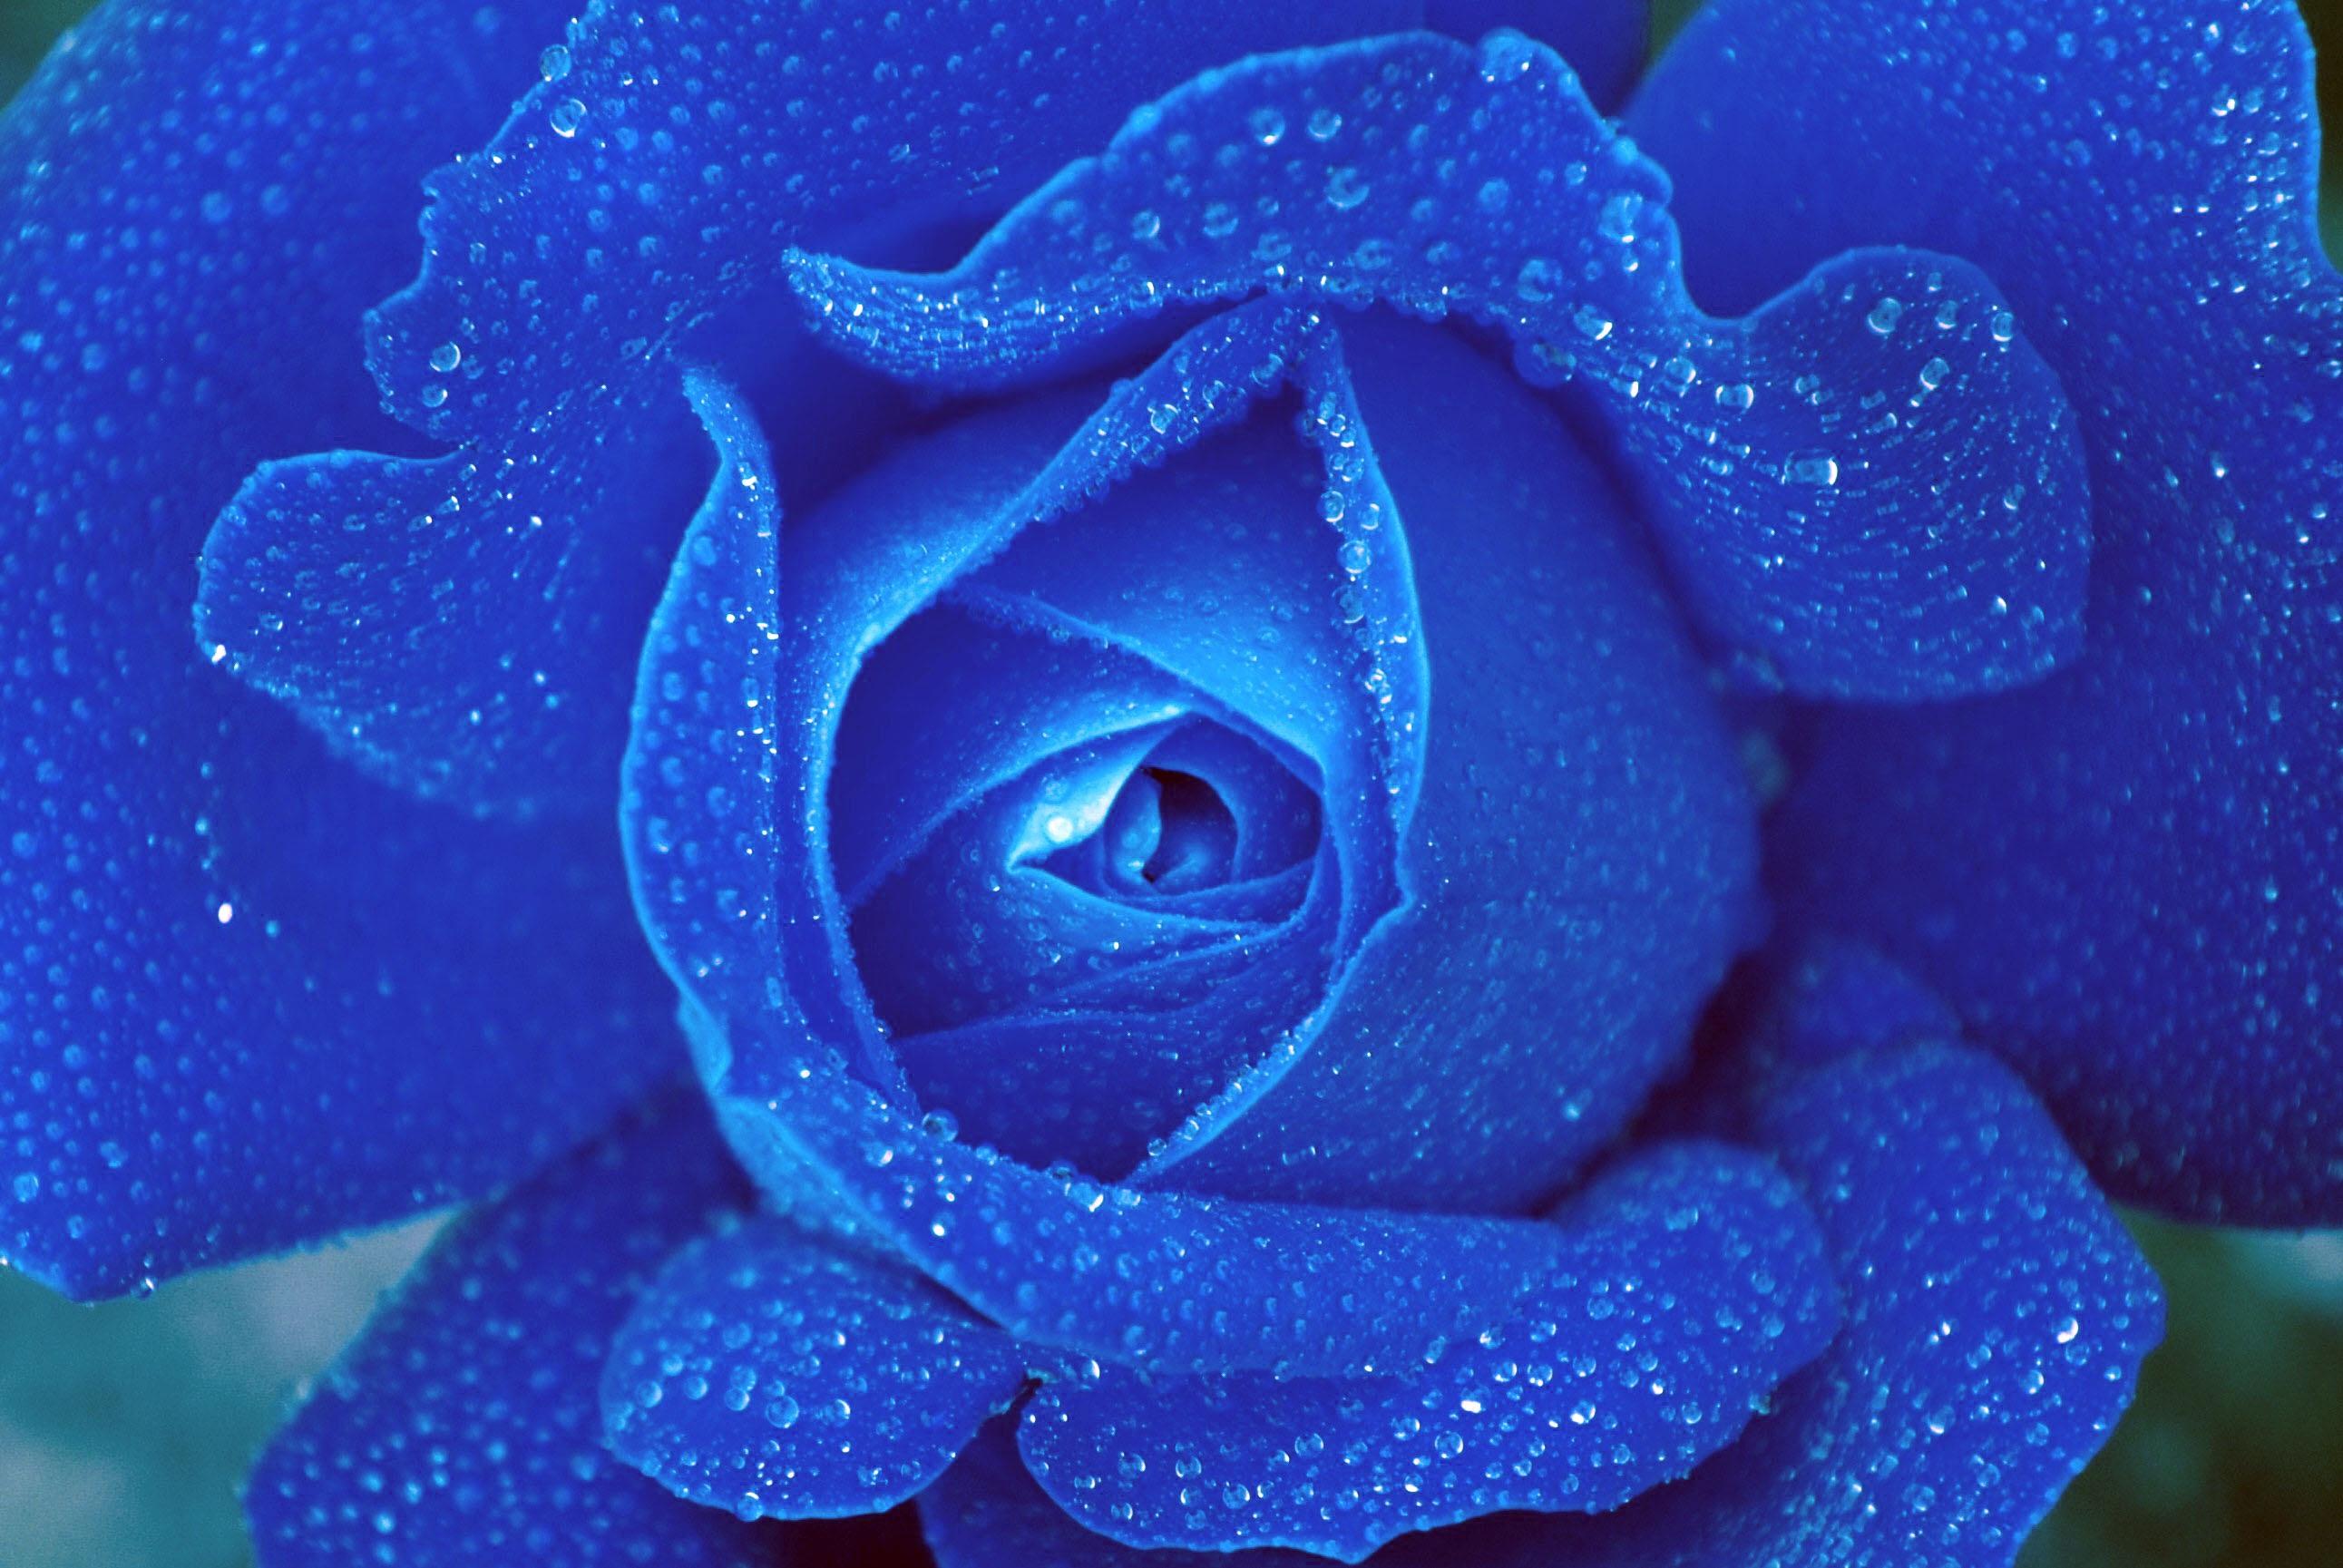 голубые картинки на мой мир дополнительно одела